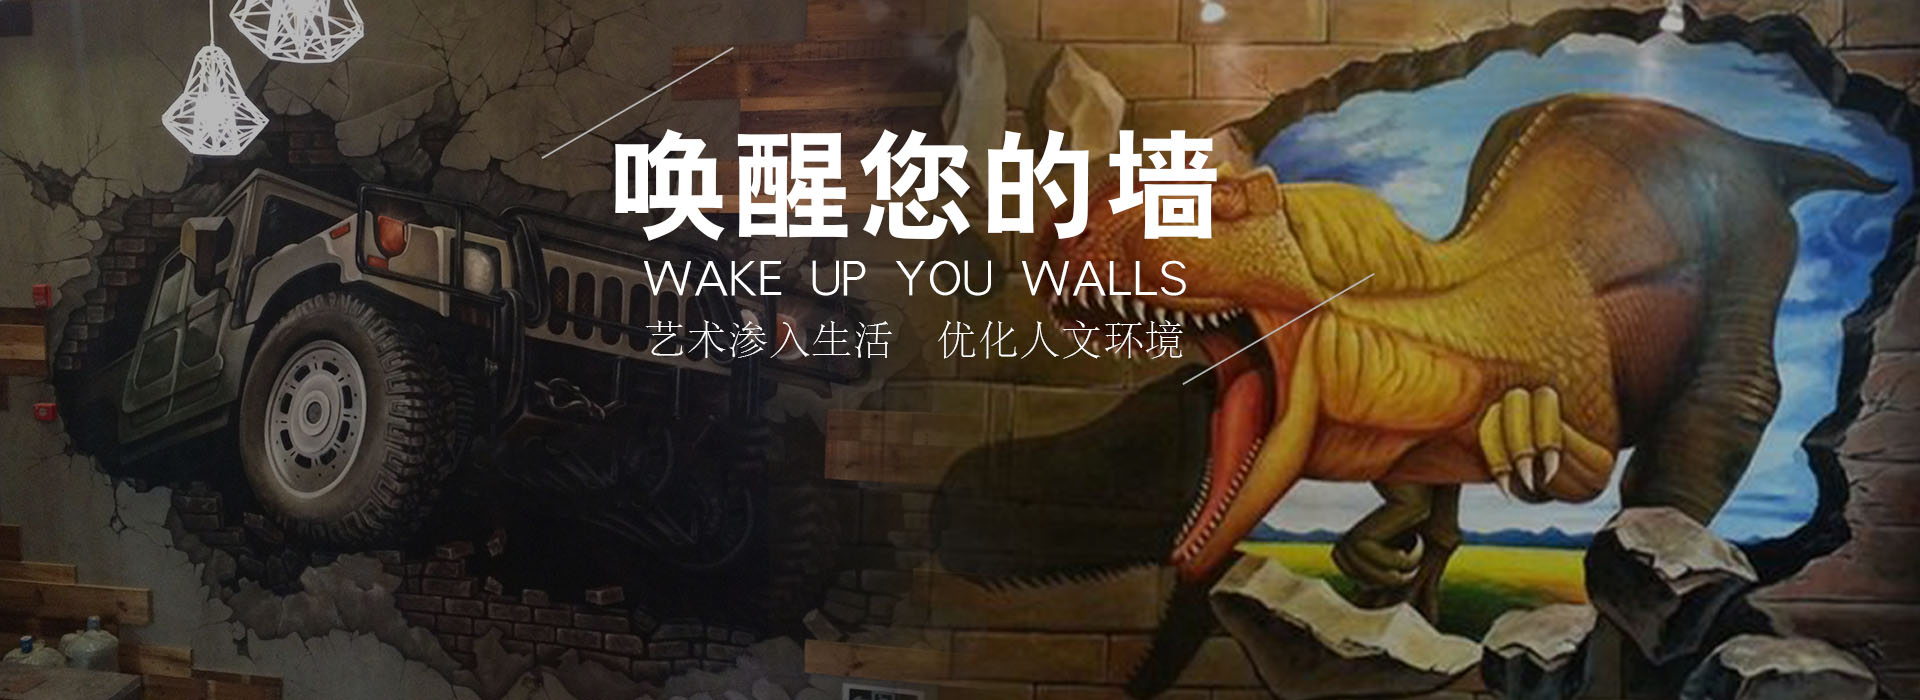 如何绘制高质量的墙绘